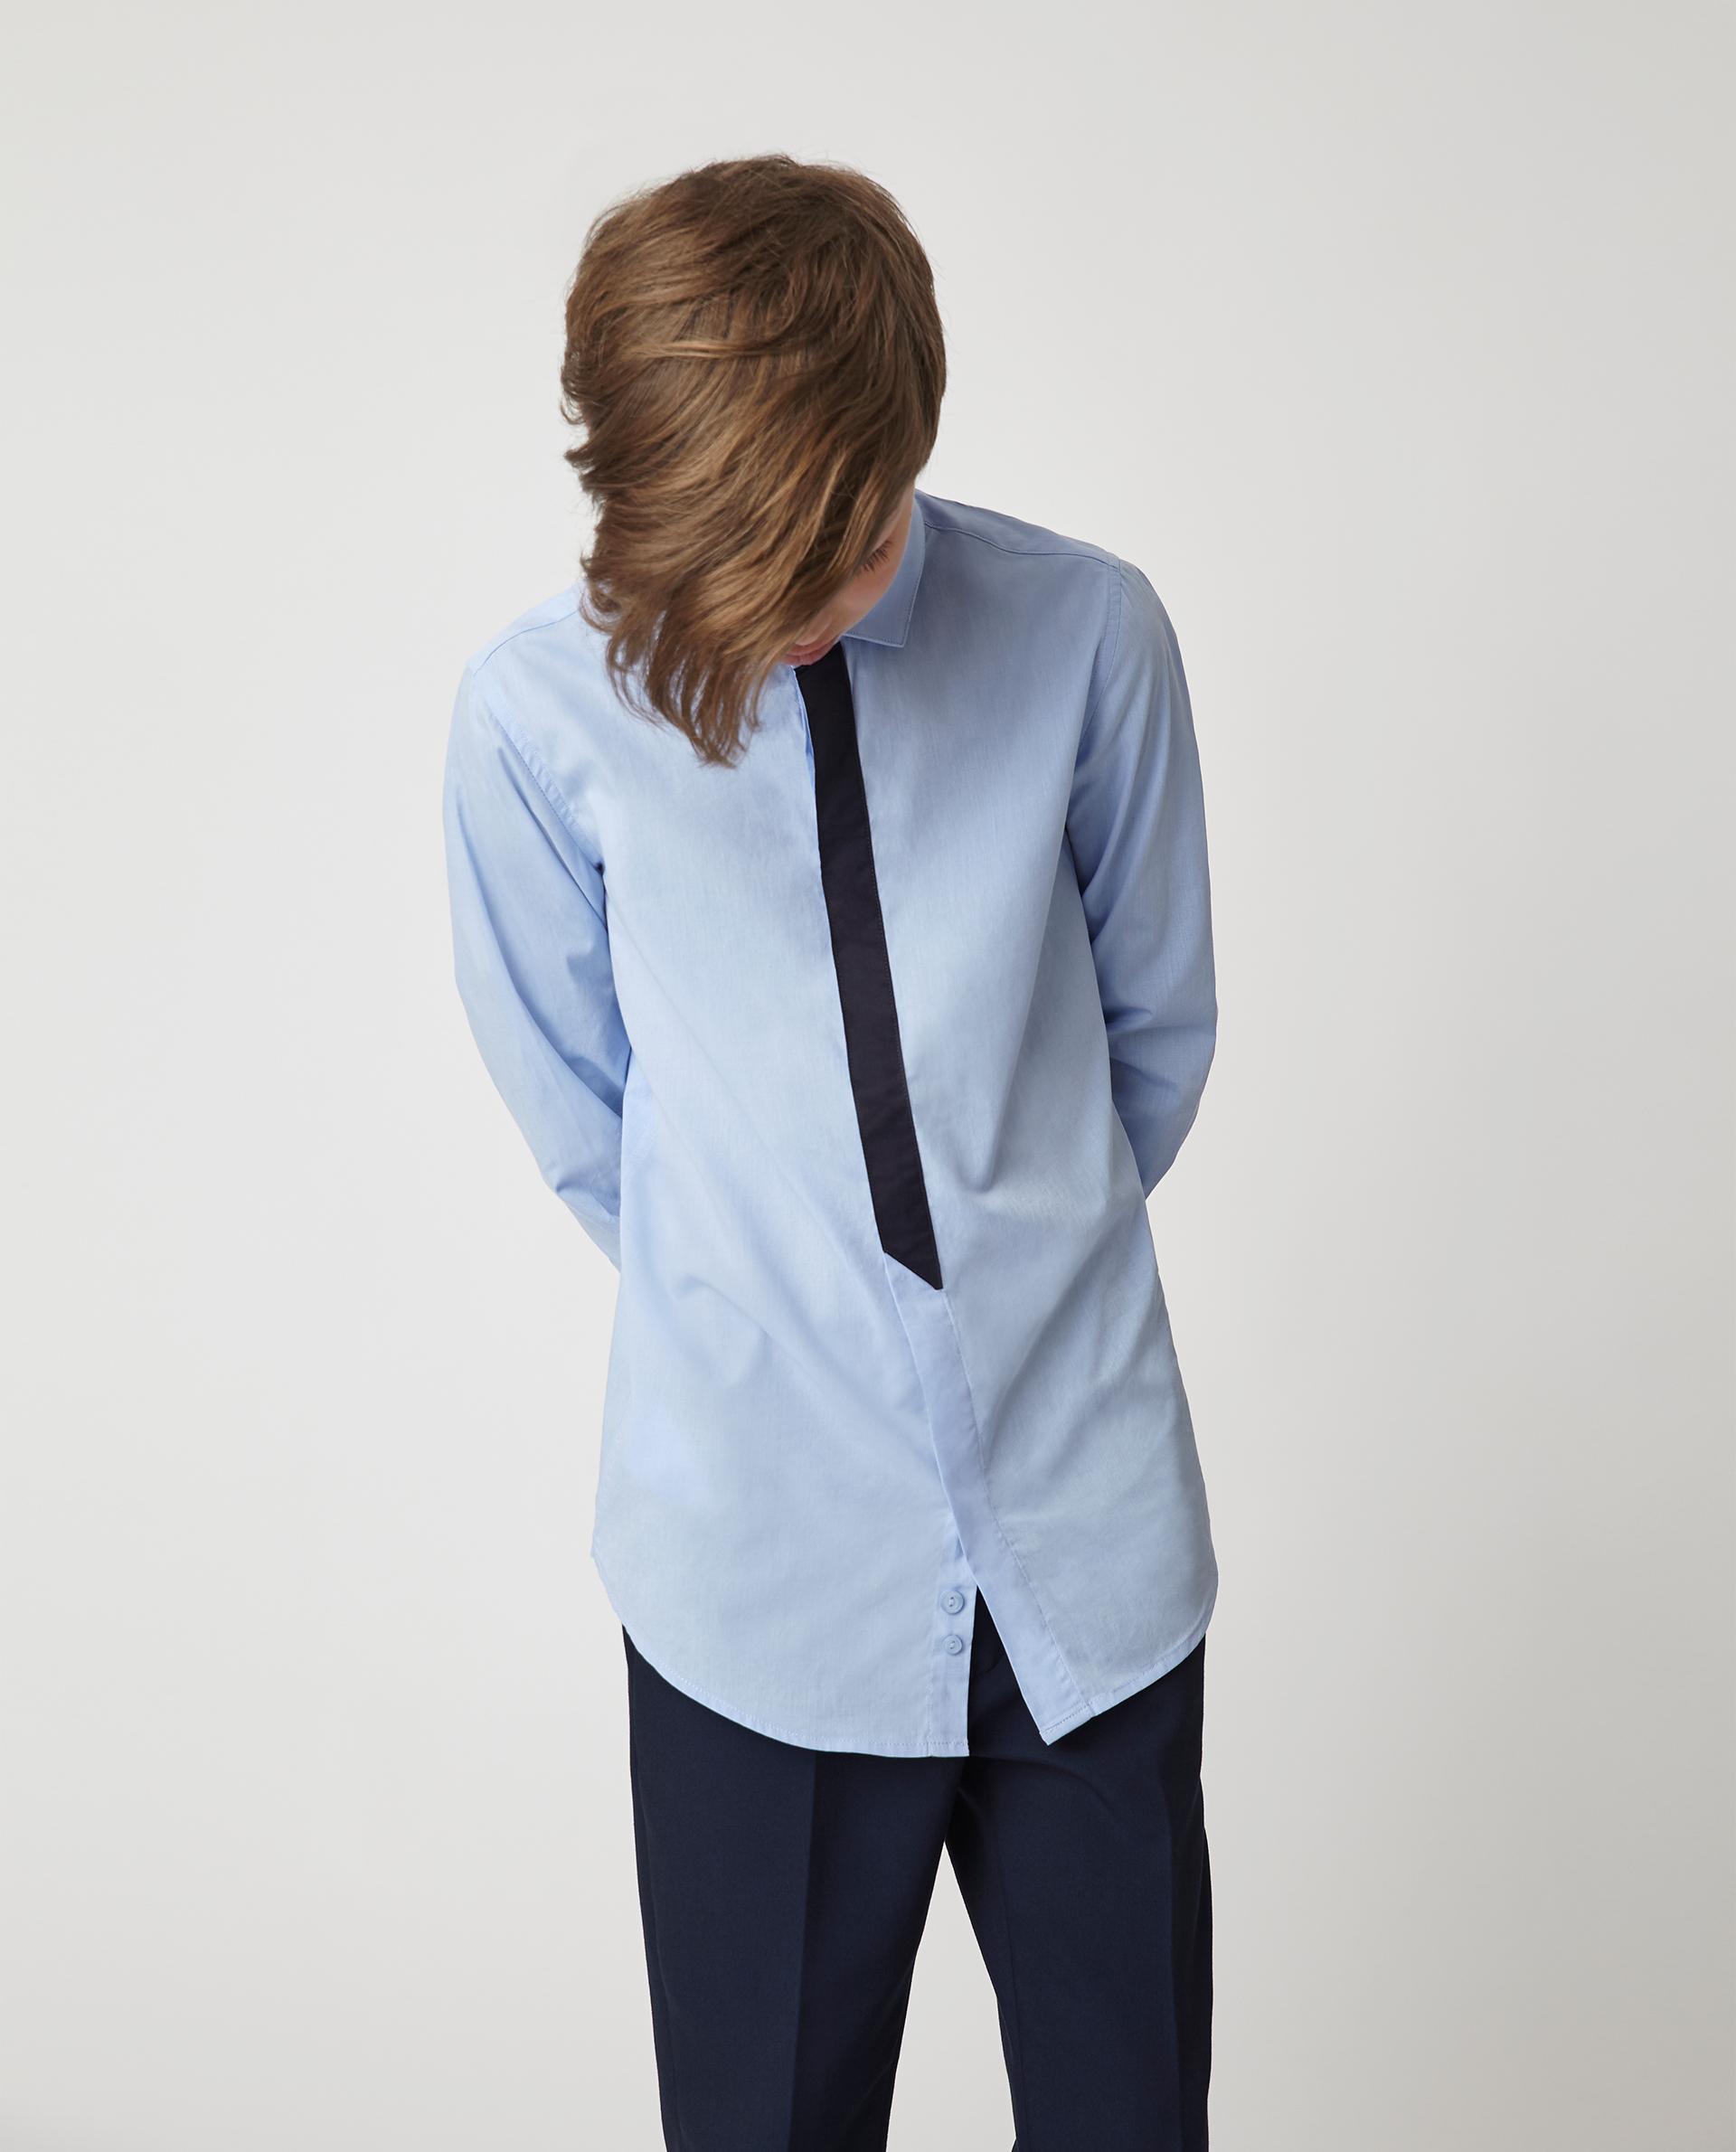 Купить 220GSBC2312, Голубая рубашка Gulliver, голубой, 170, Хлопок, Мужской, Демисезон, ШКОЛЬНАЯ ФОРМА 2020-2021 (shop: GulliverMarket Gulliver Market)